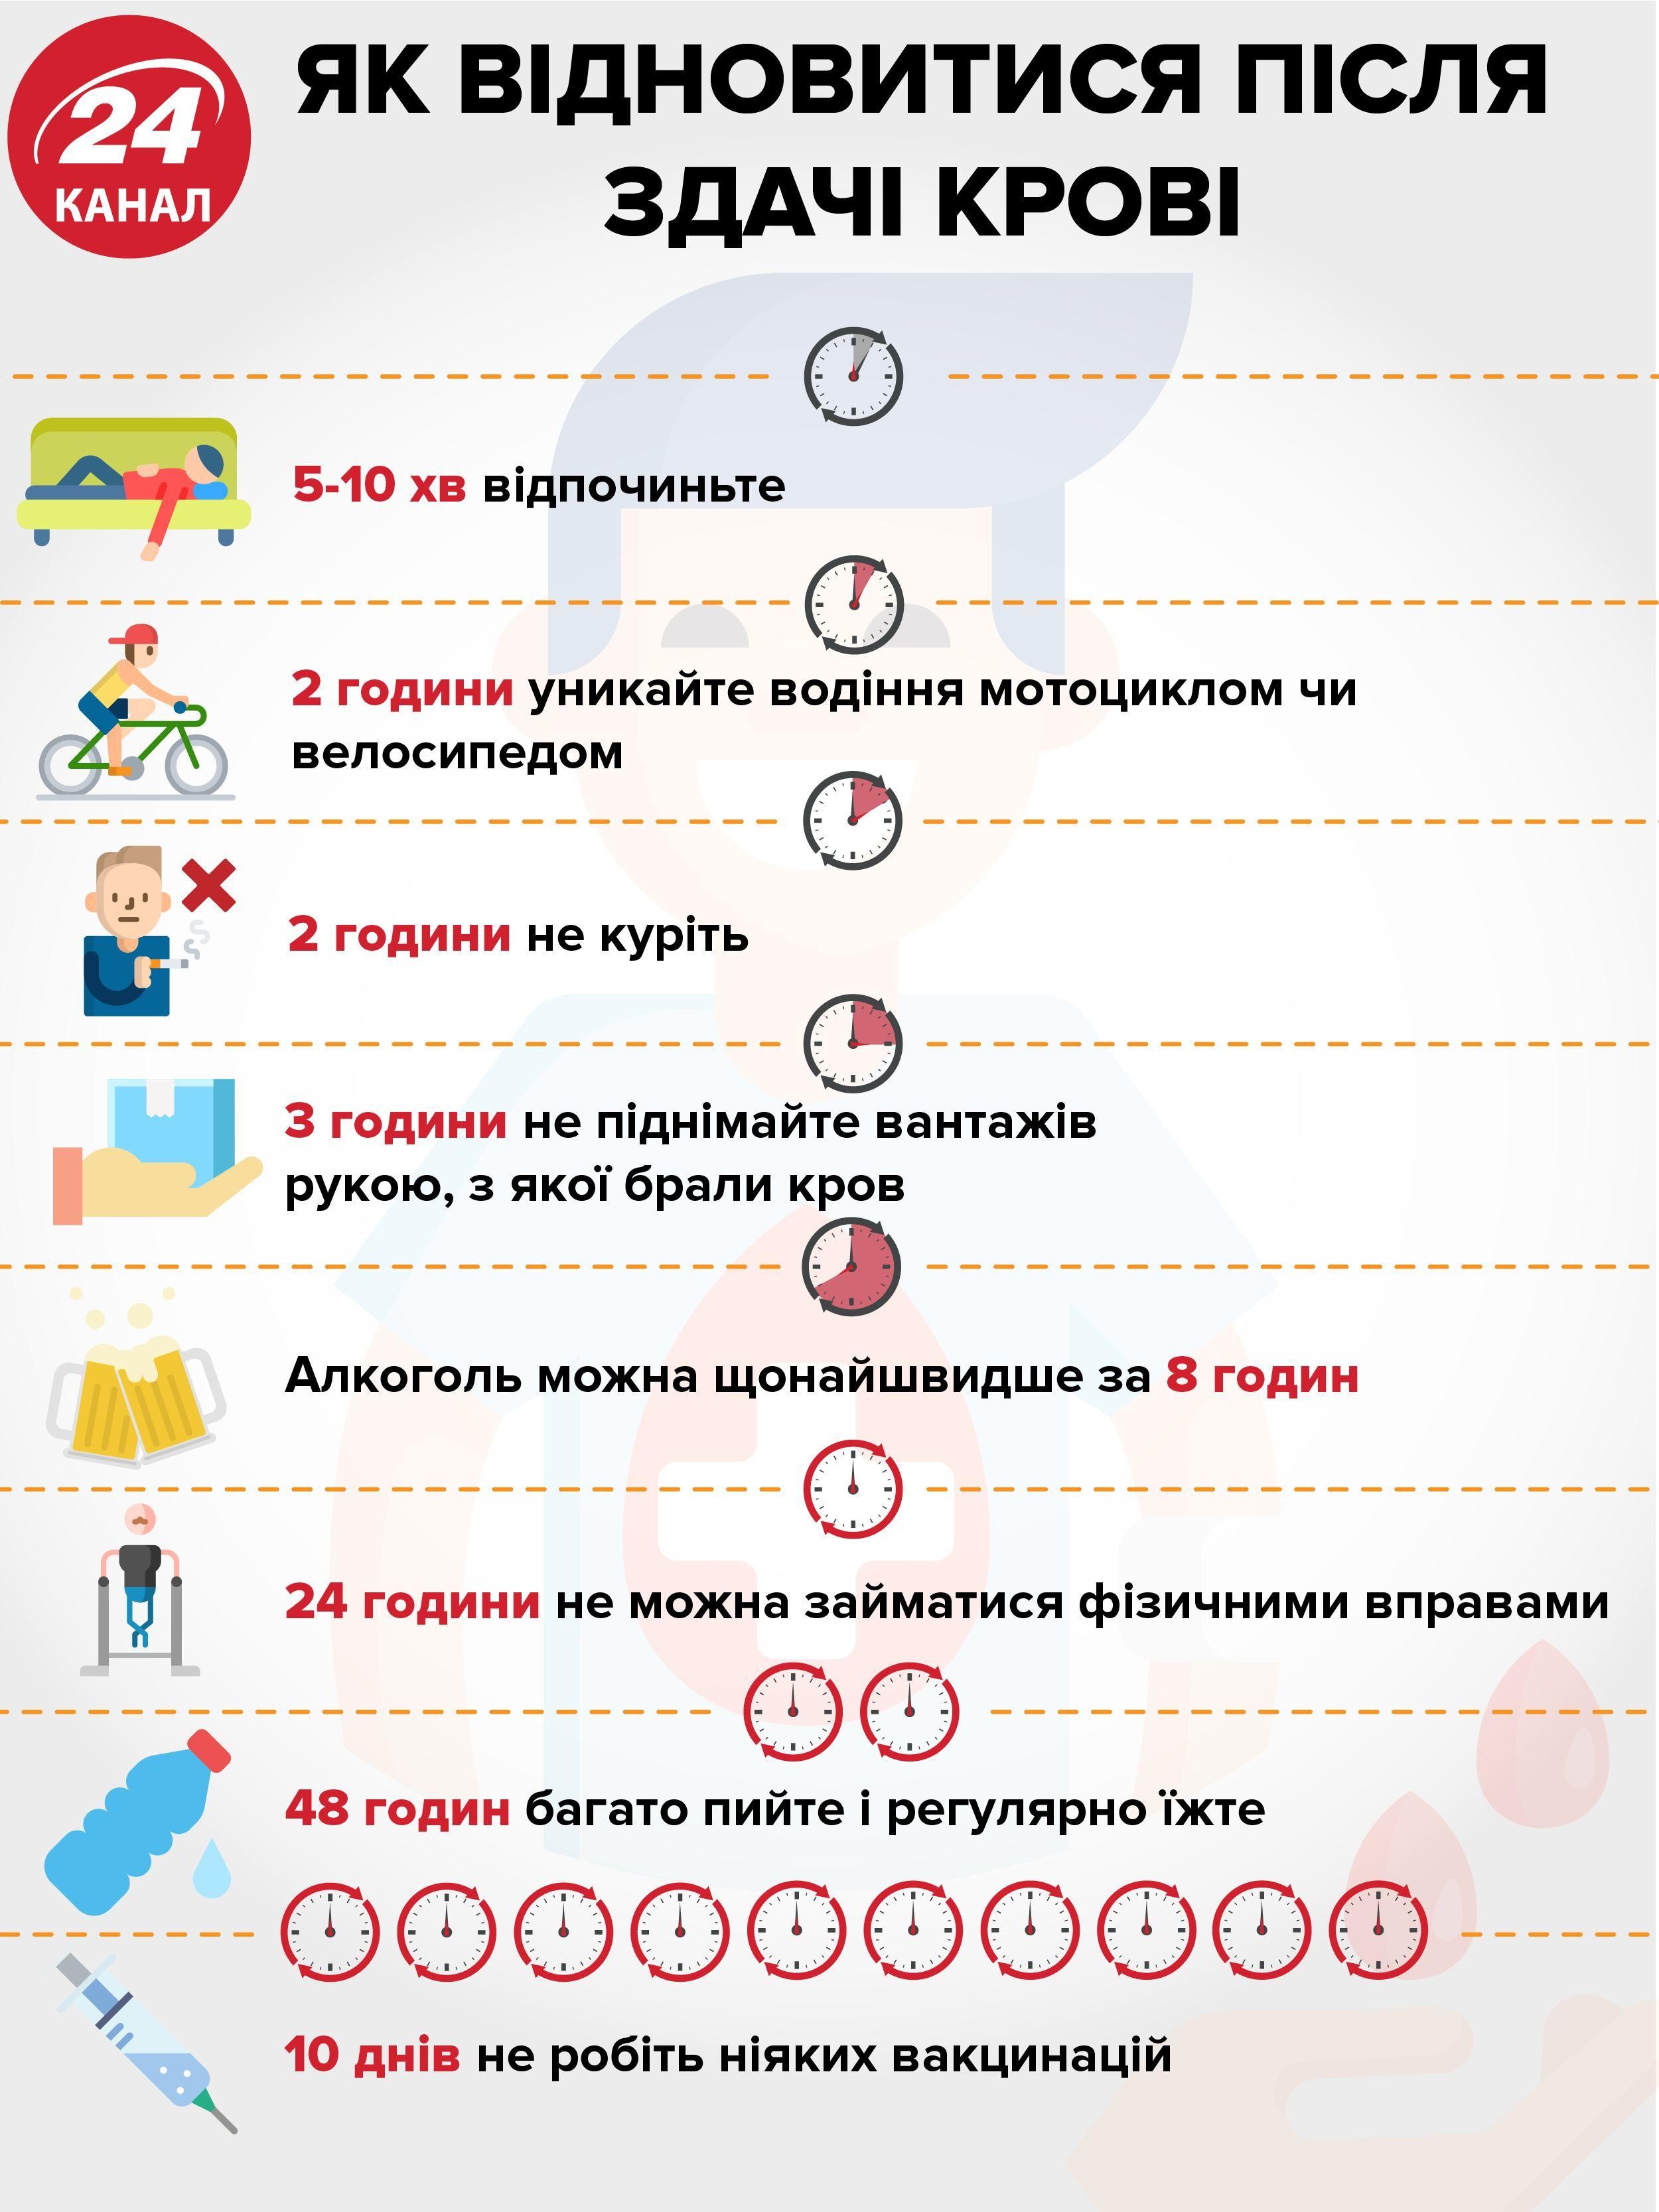 Як підготуватися до здачі крові: важливі поради в інфографіці - Здоров'я 24